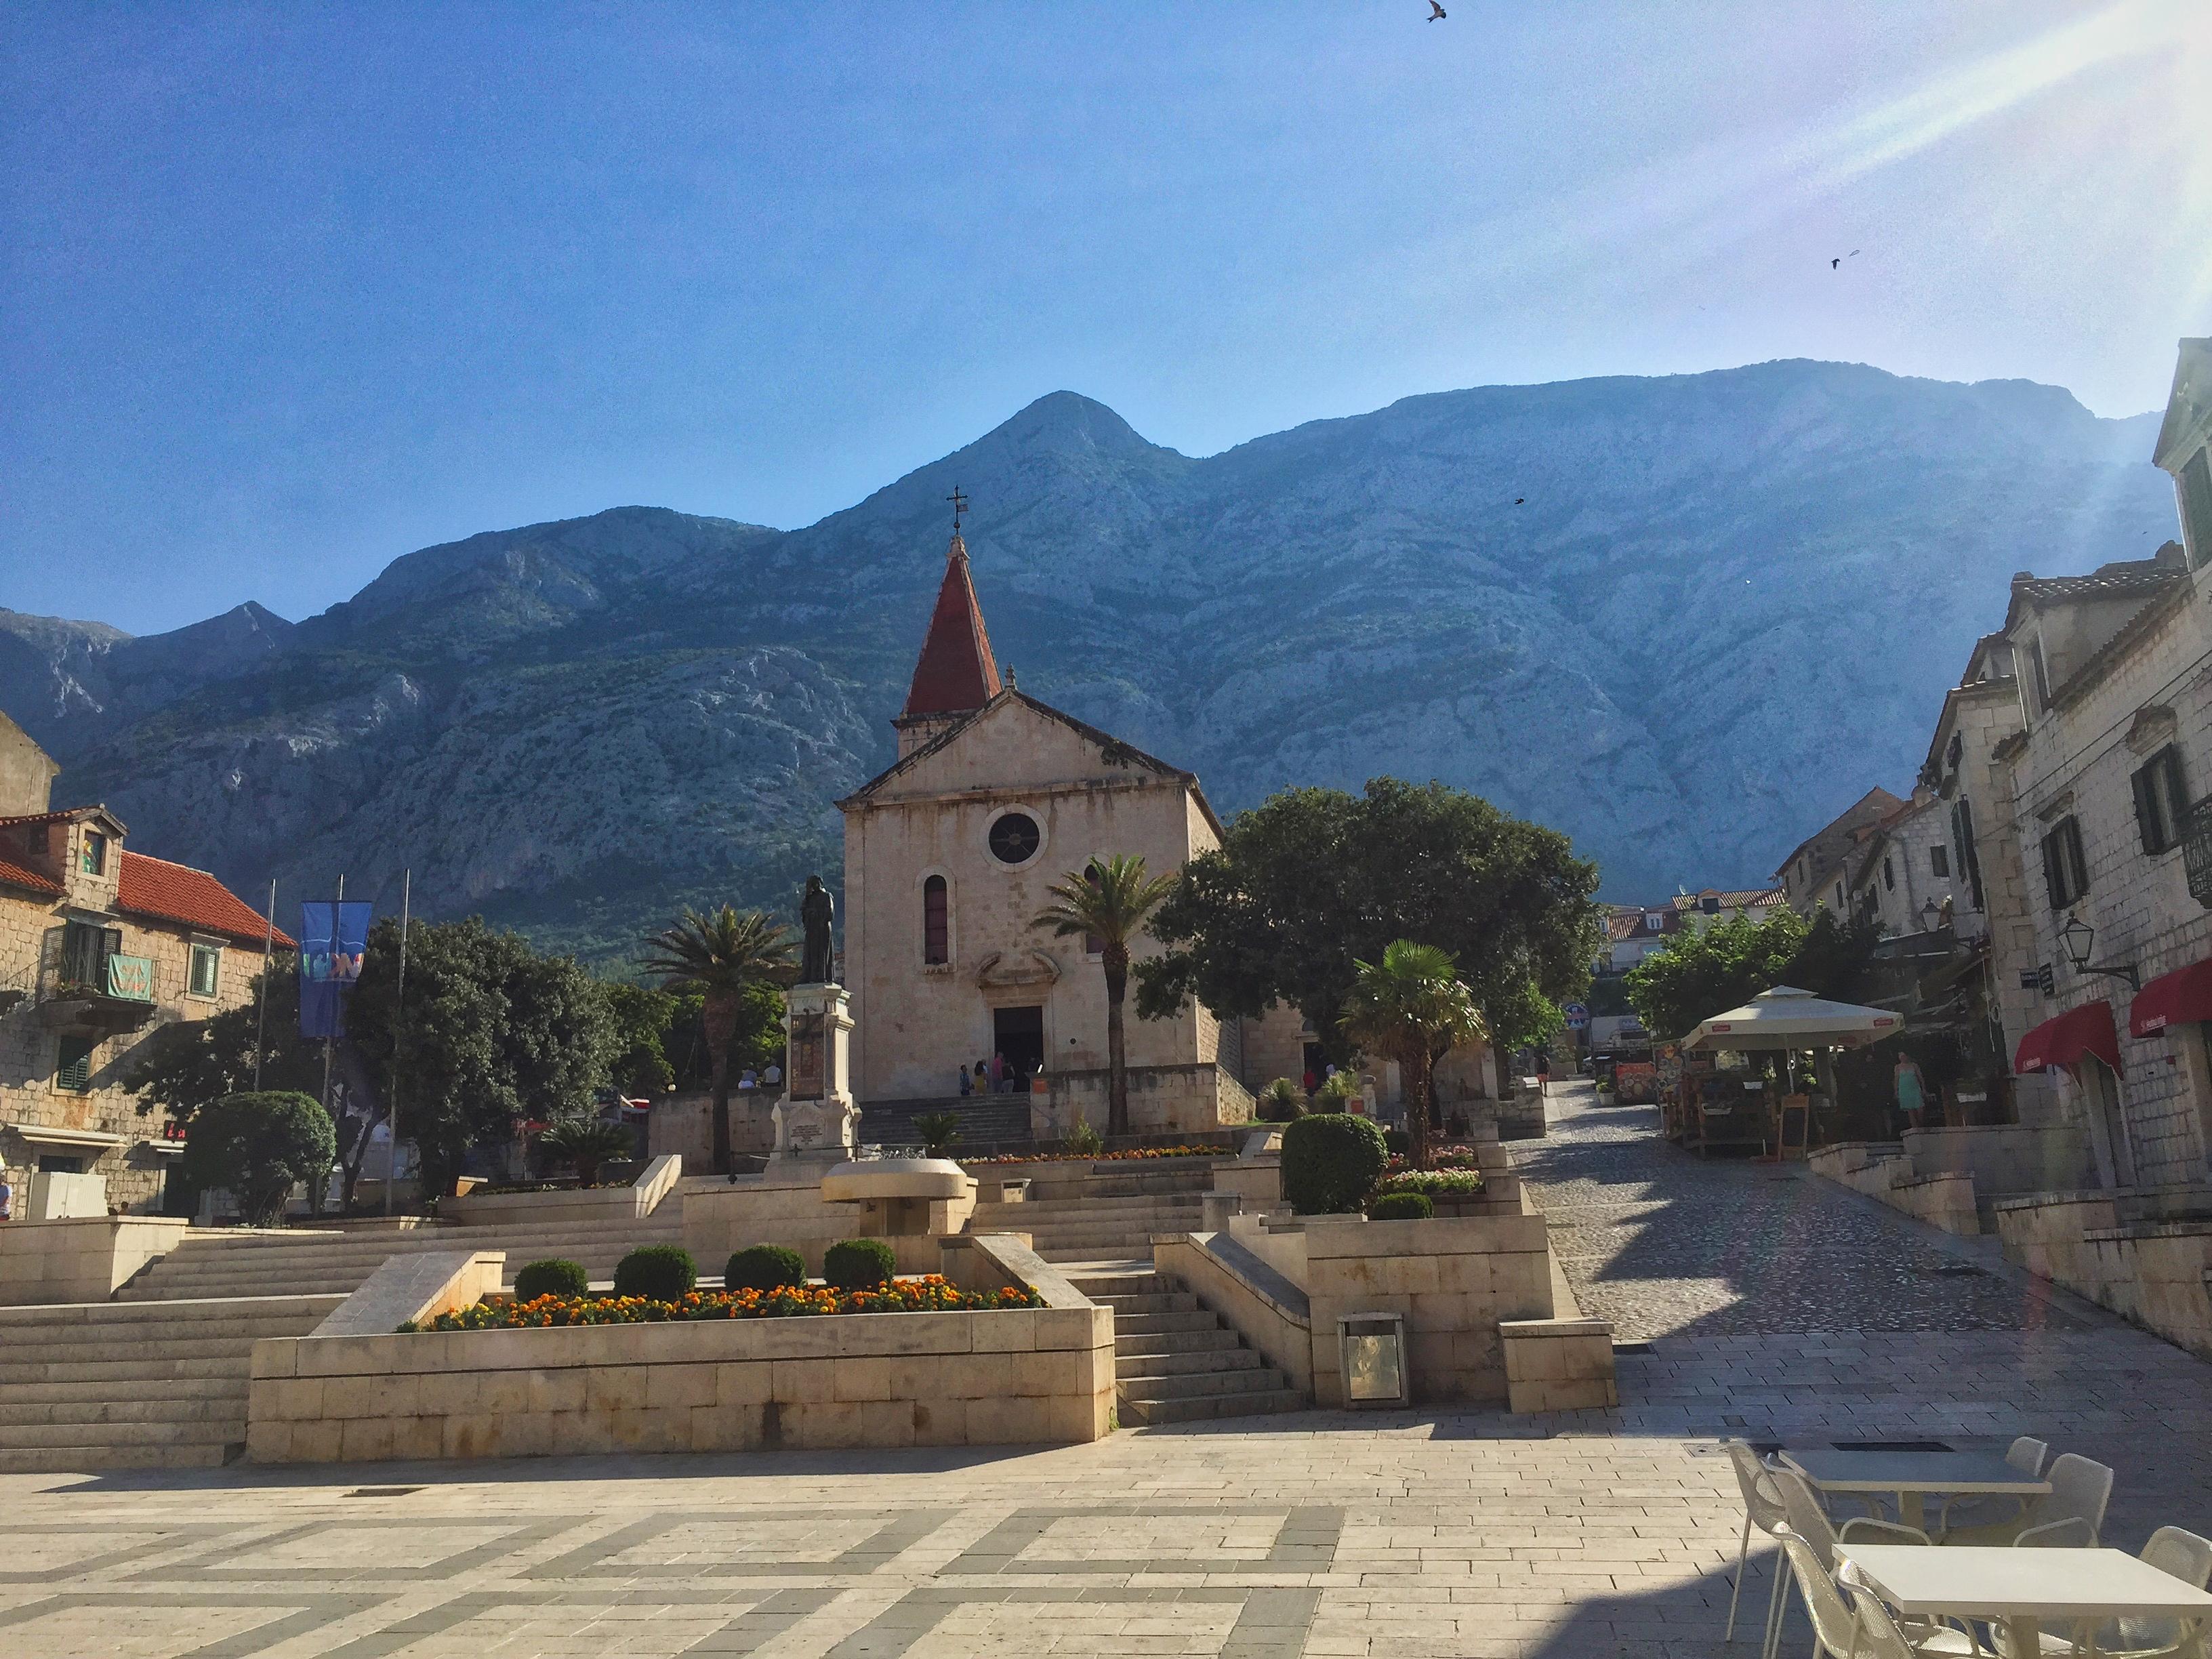 크로아티아 마카르스카 2: 우연과 간절함